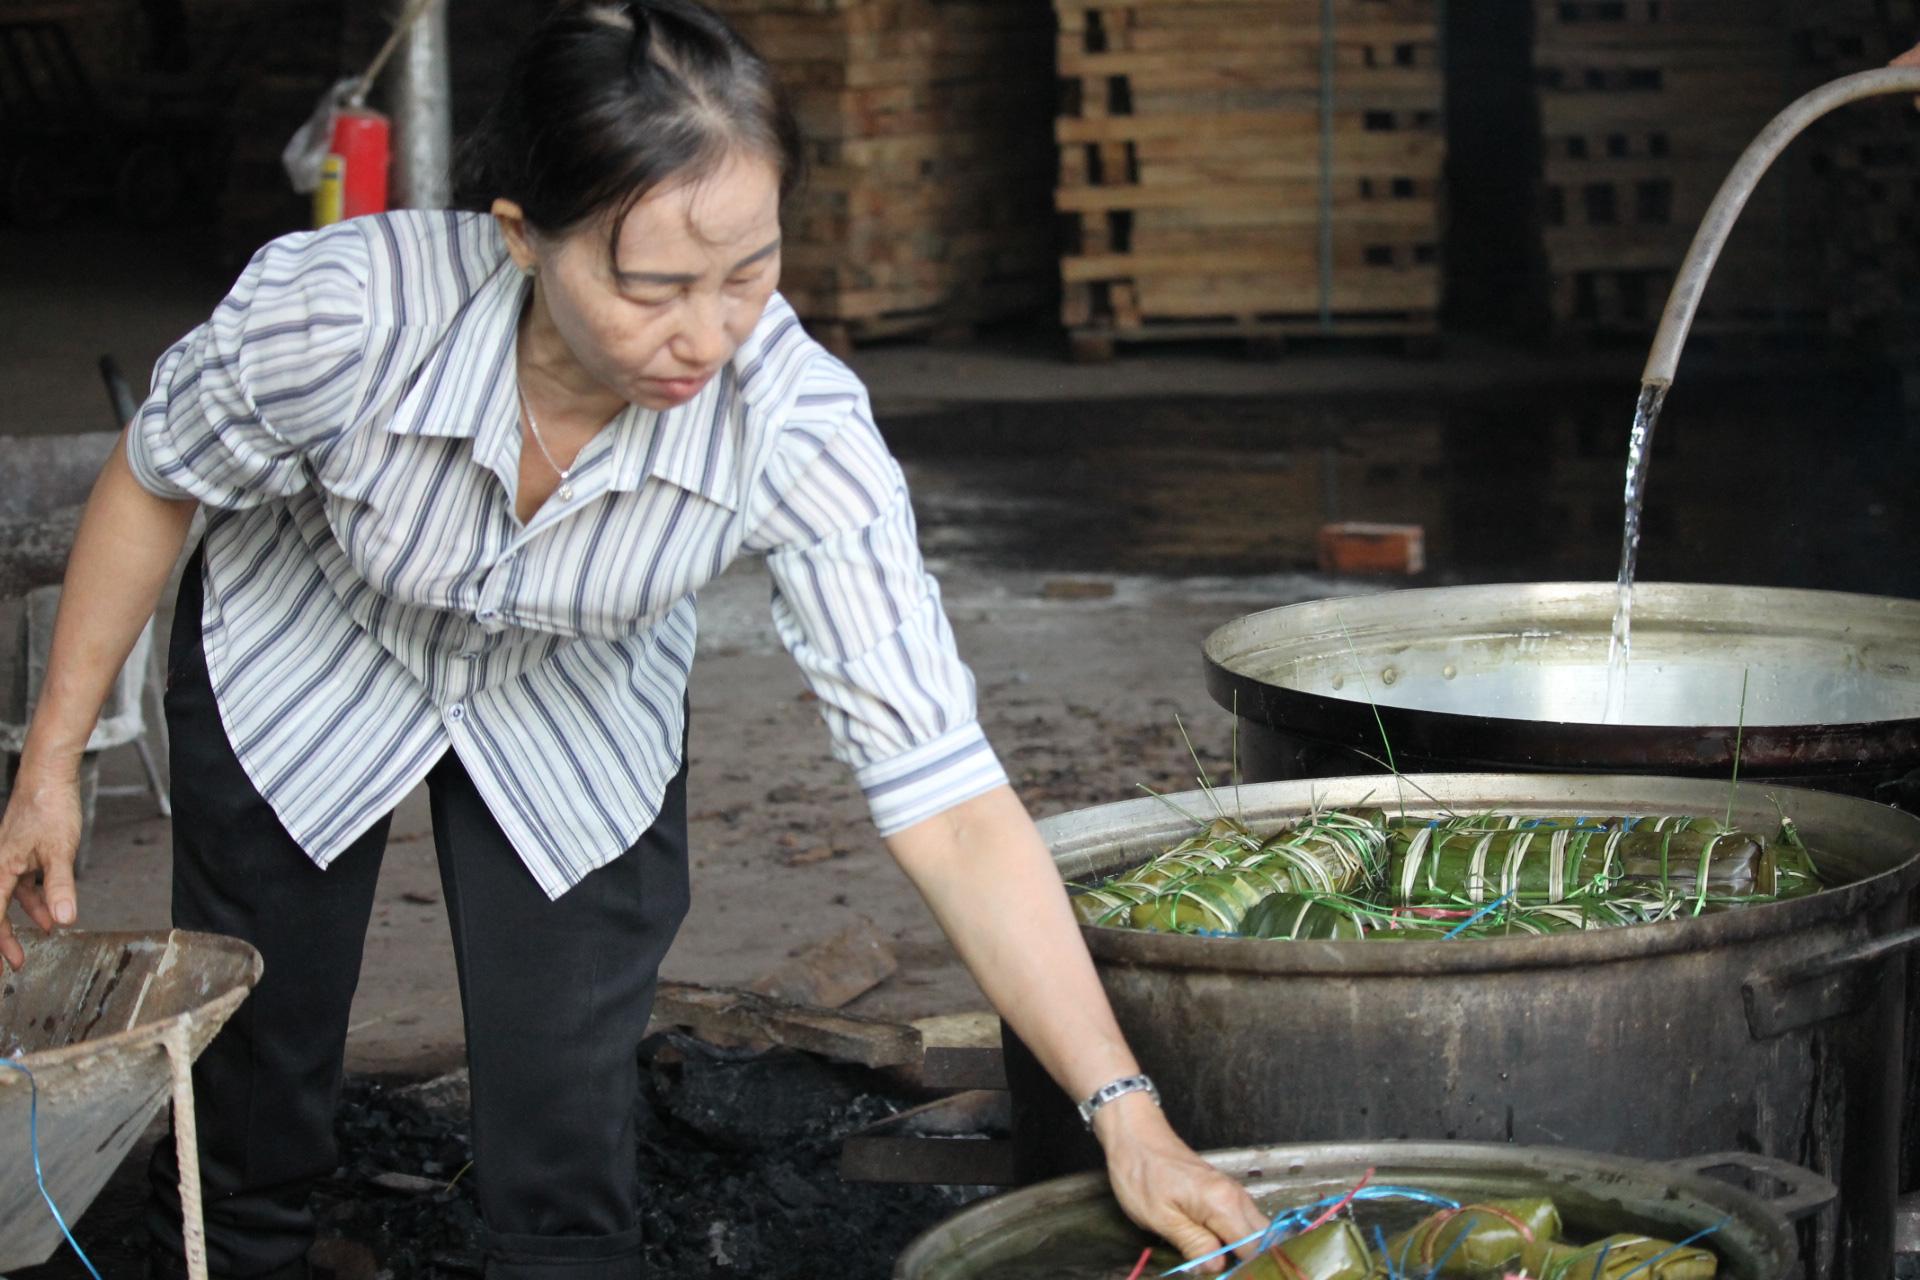 Người dân Khánh Hòa gói hàng ngàn chiếc bánh chưng, bánh tét hỗ trợ đồng bào miền Trung - Ảnh 1.